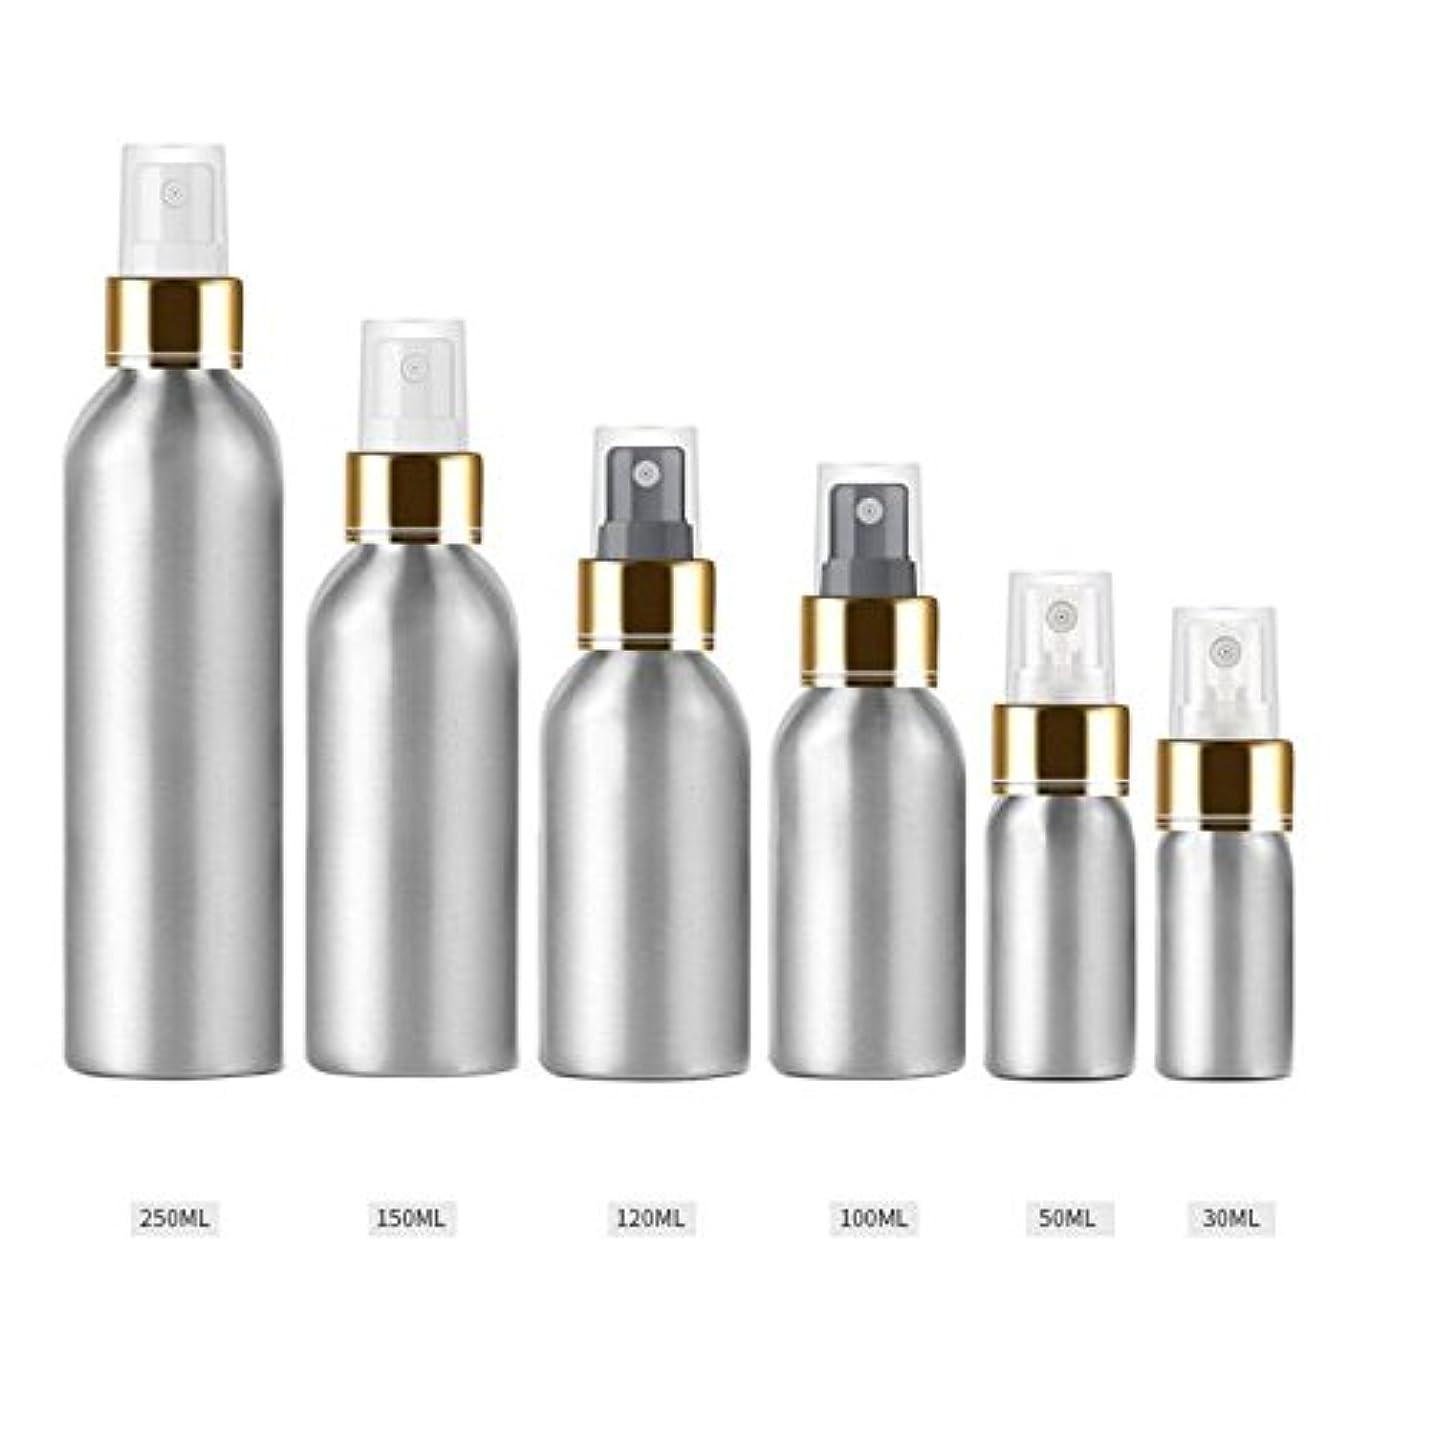 理解ショット丁寧Beho 1本30Ml - 250Mlアルミボトルアルミブライトゴールドアルマイトアルミスプレーボトル日焼け止めスプレーボトルトナーボトルトラベル - 透明 - 150Ml